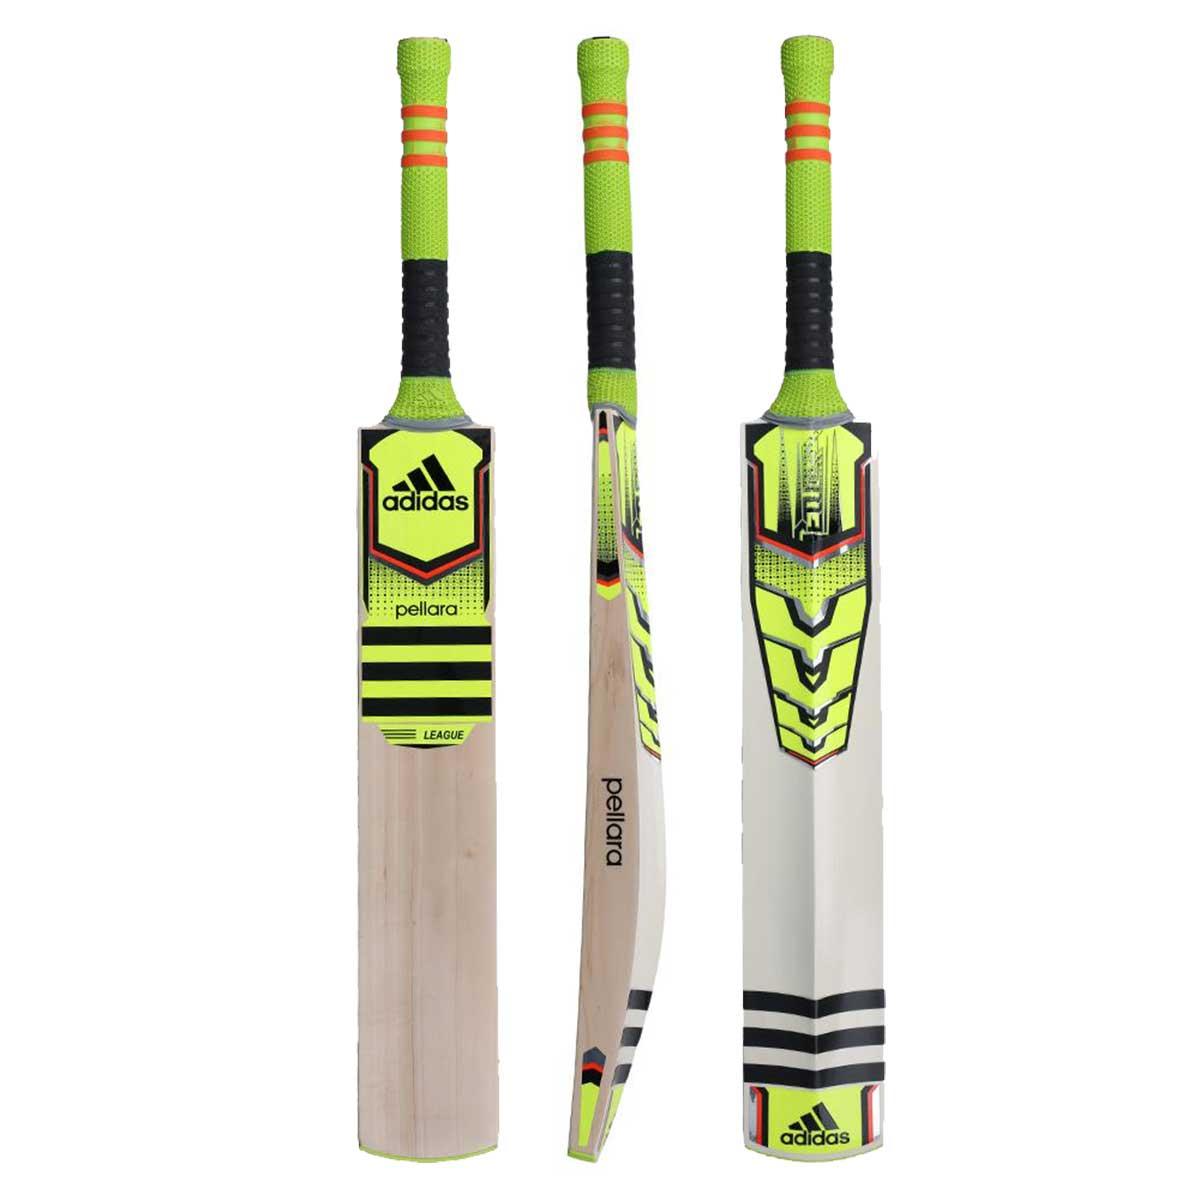 b995b16d469 Buy Adidas Pellara League Cricket Bat Online in India